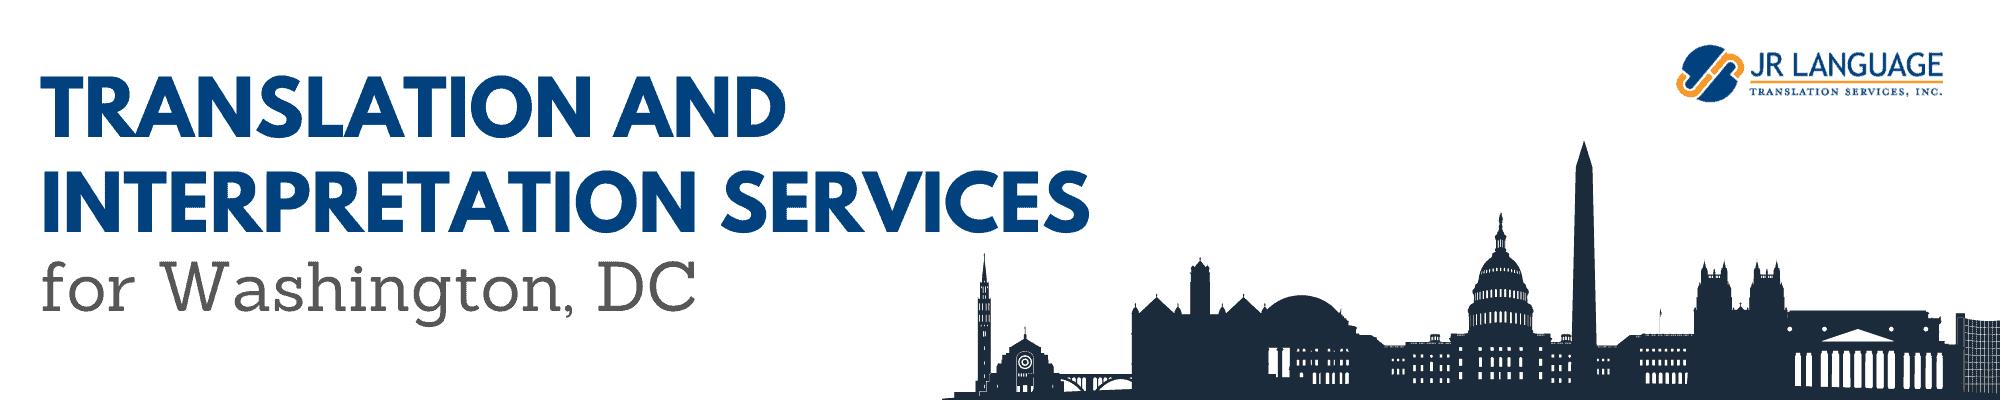 Washington DC translation services